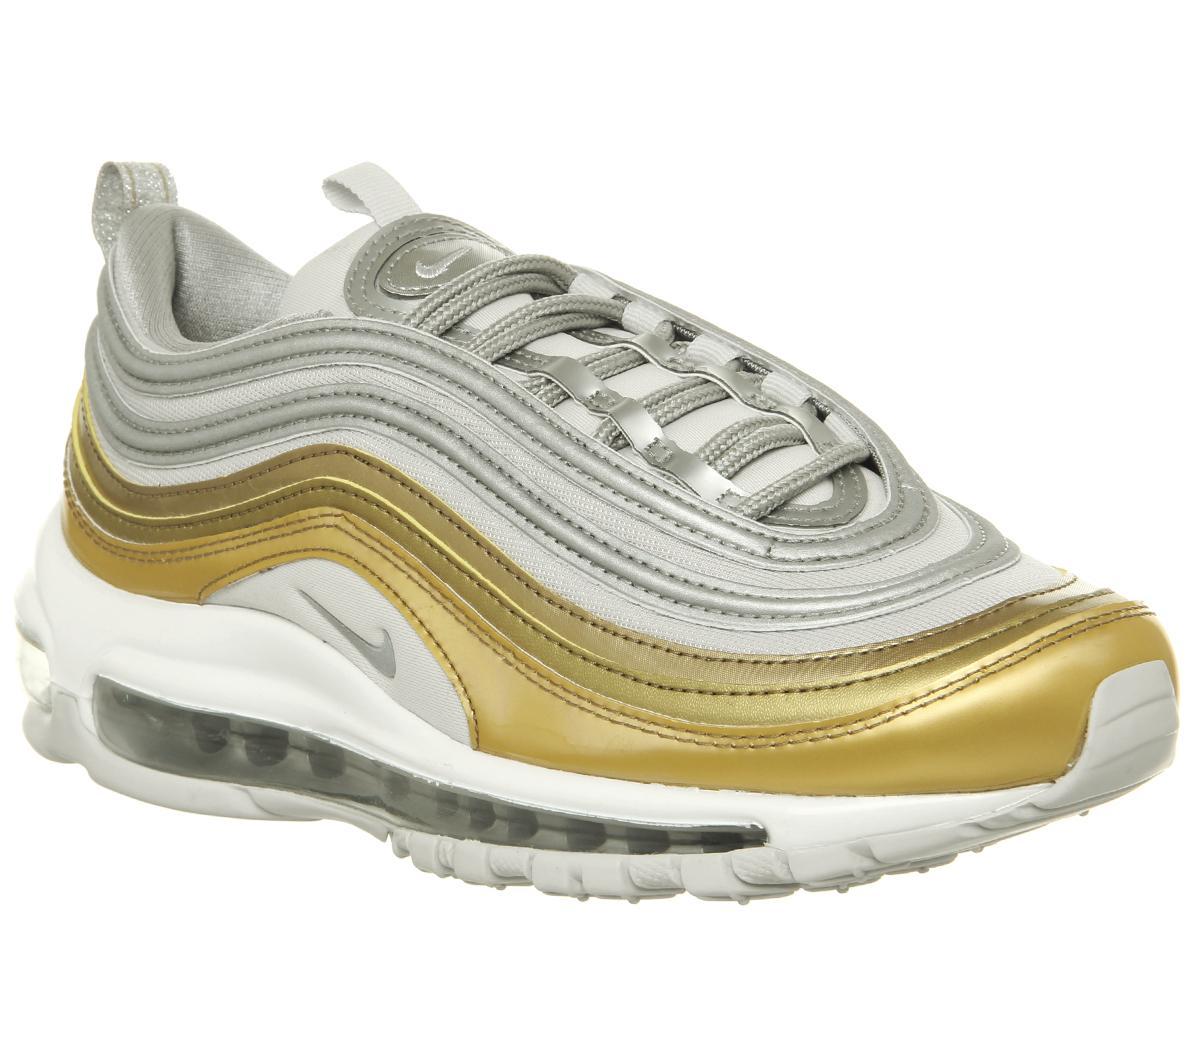 Nike 97 Weiss, Damenschuhe eBay Kleinanzeigen